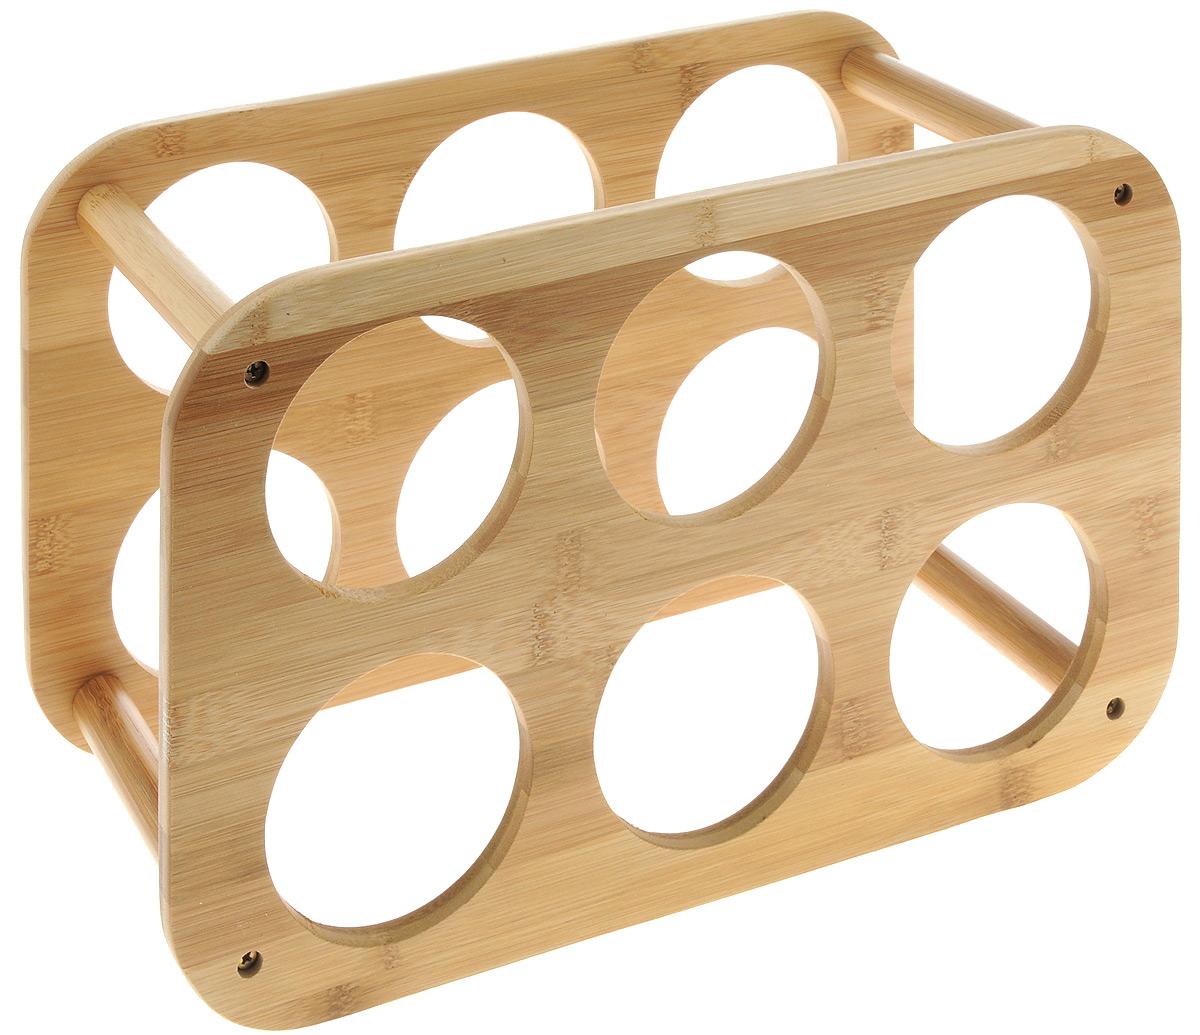 Подставка для бутылок Zeller, 38 х 16 х 24 см82_морские водорослиПодставка для бутылок Zeller служит для размещения 6 винных или пивных бутылок. Изготовлена из качественного бамбука. Устойчивая форма, удобство, надежная конструкция - все это делает подставку надежным и практичным аксессуаром. Кроме того, такая подставка стильно дополнит кухонный интерьер. Подставка поставляется в разобранном виде. Легко собирается (инструкция в картинках в комплекте).Диаметр отверстия для бутылки: 9 см.